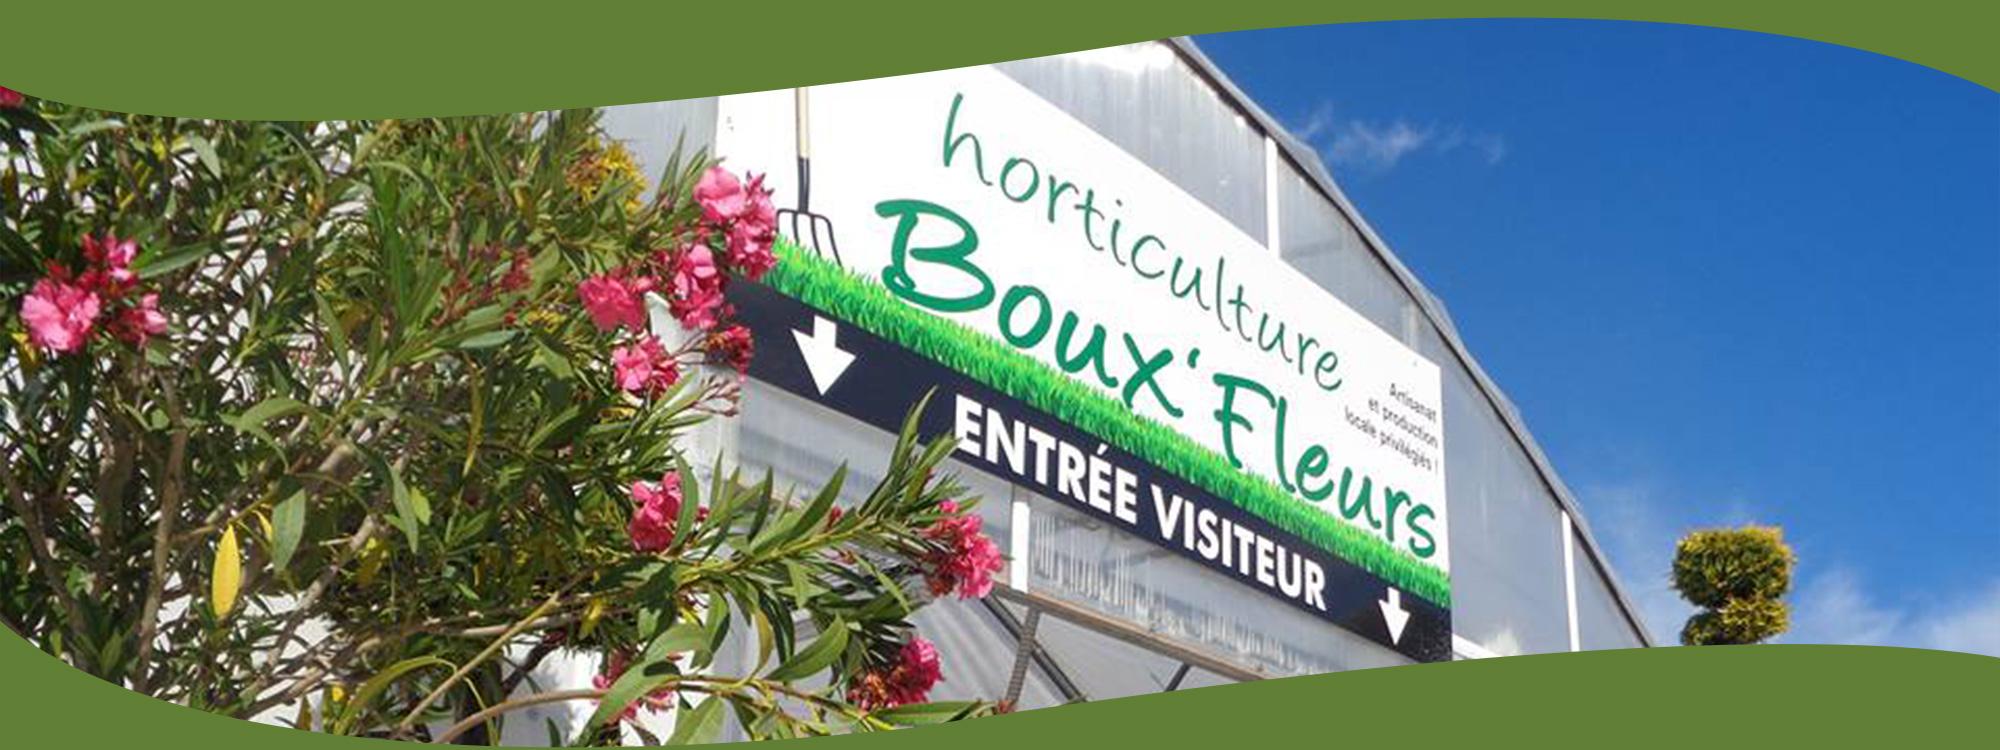 Boux fleurs horticulteur ventes de plantes fleurs for Vente plantes arbustes